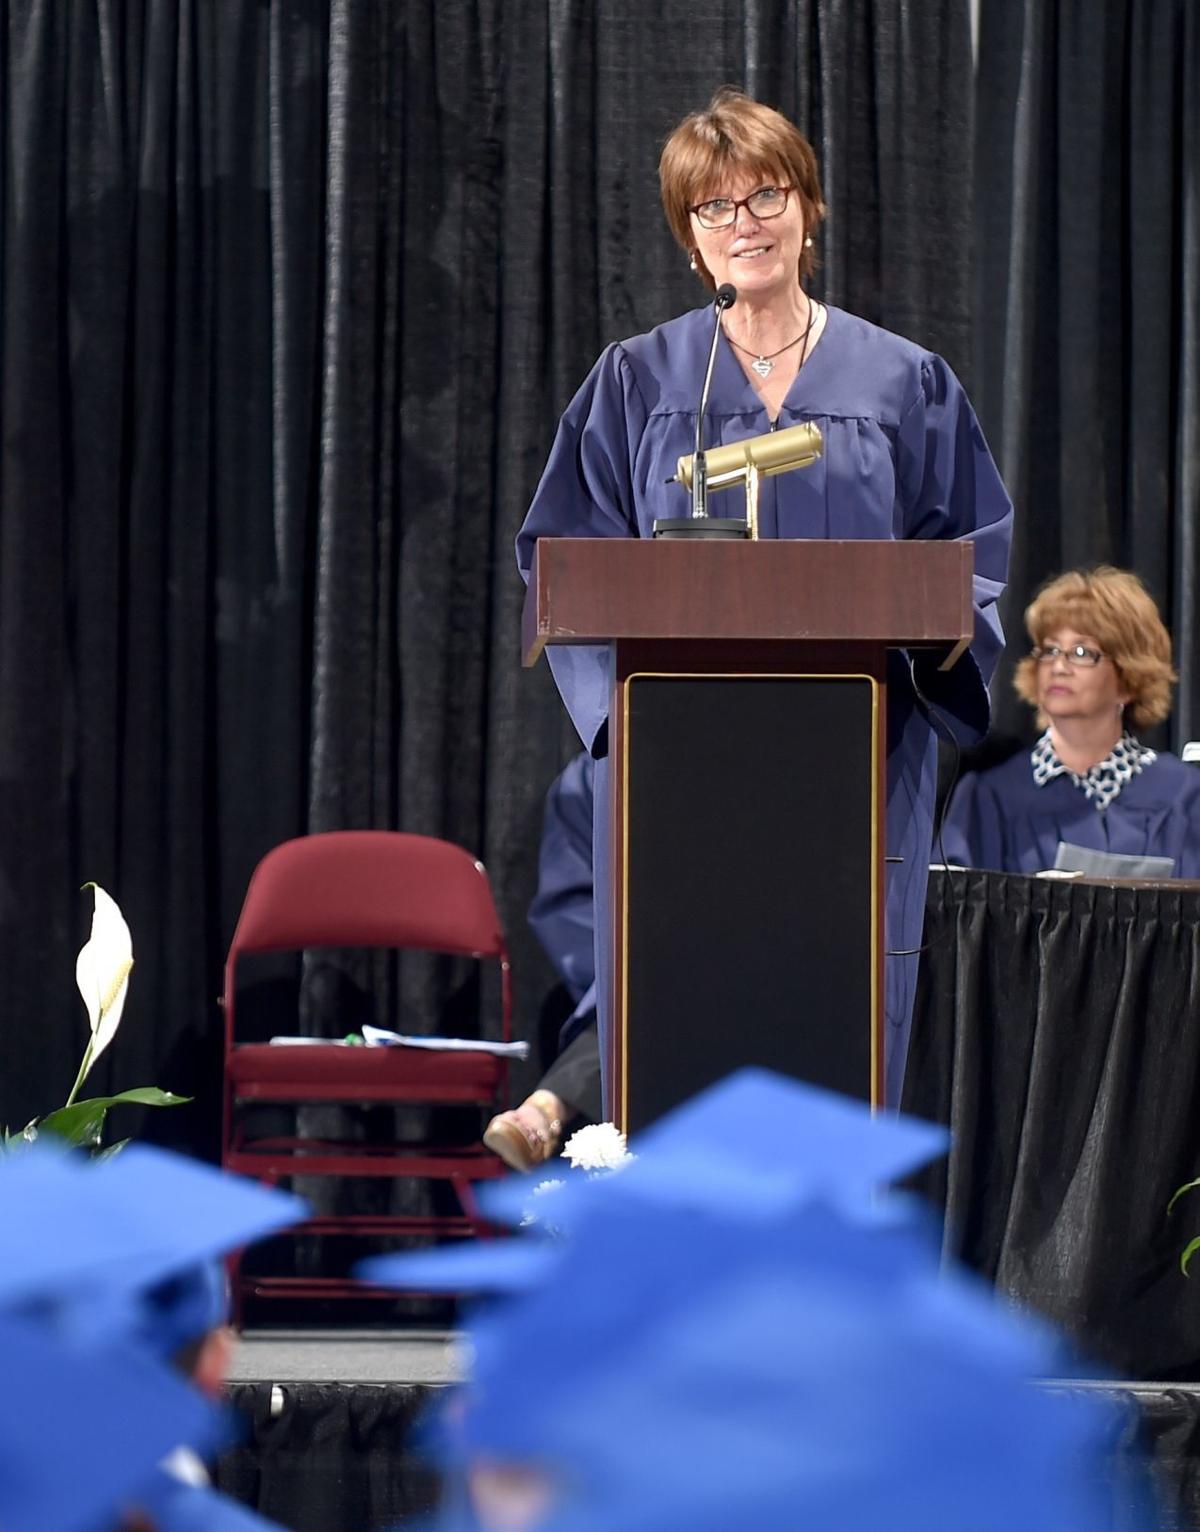 Principal Deb Black